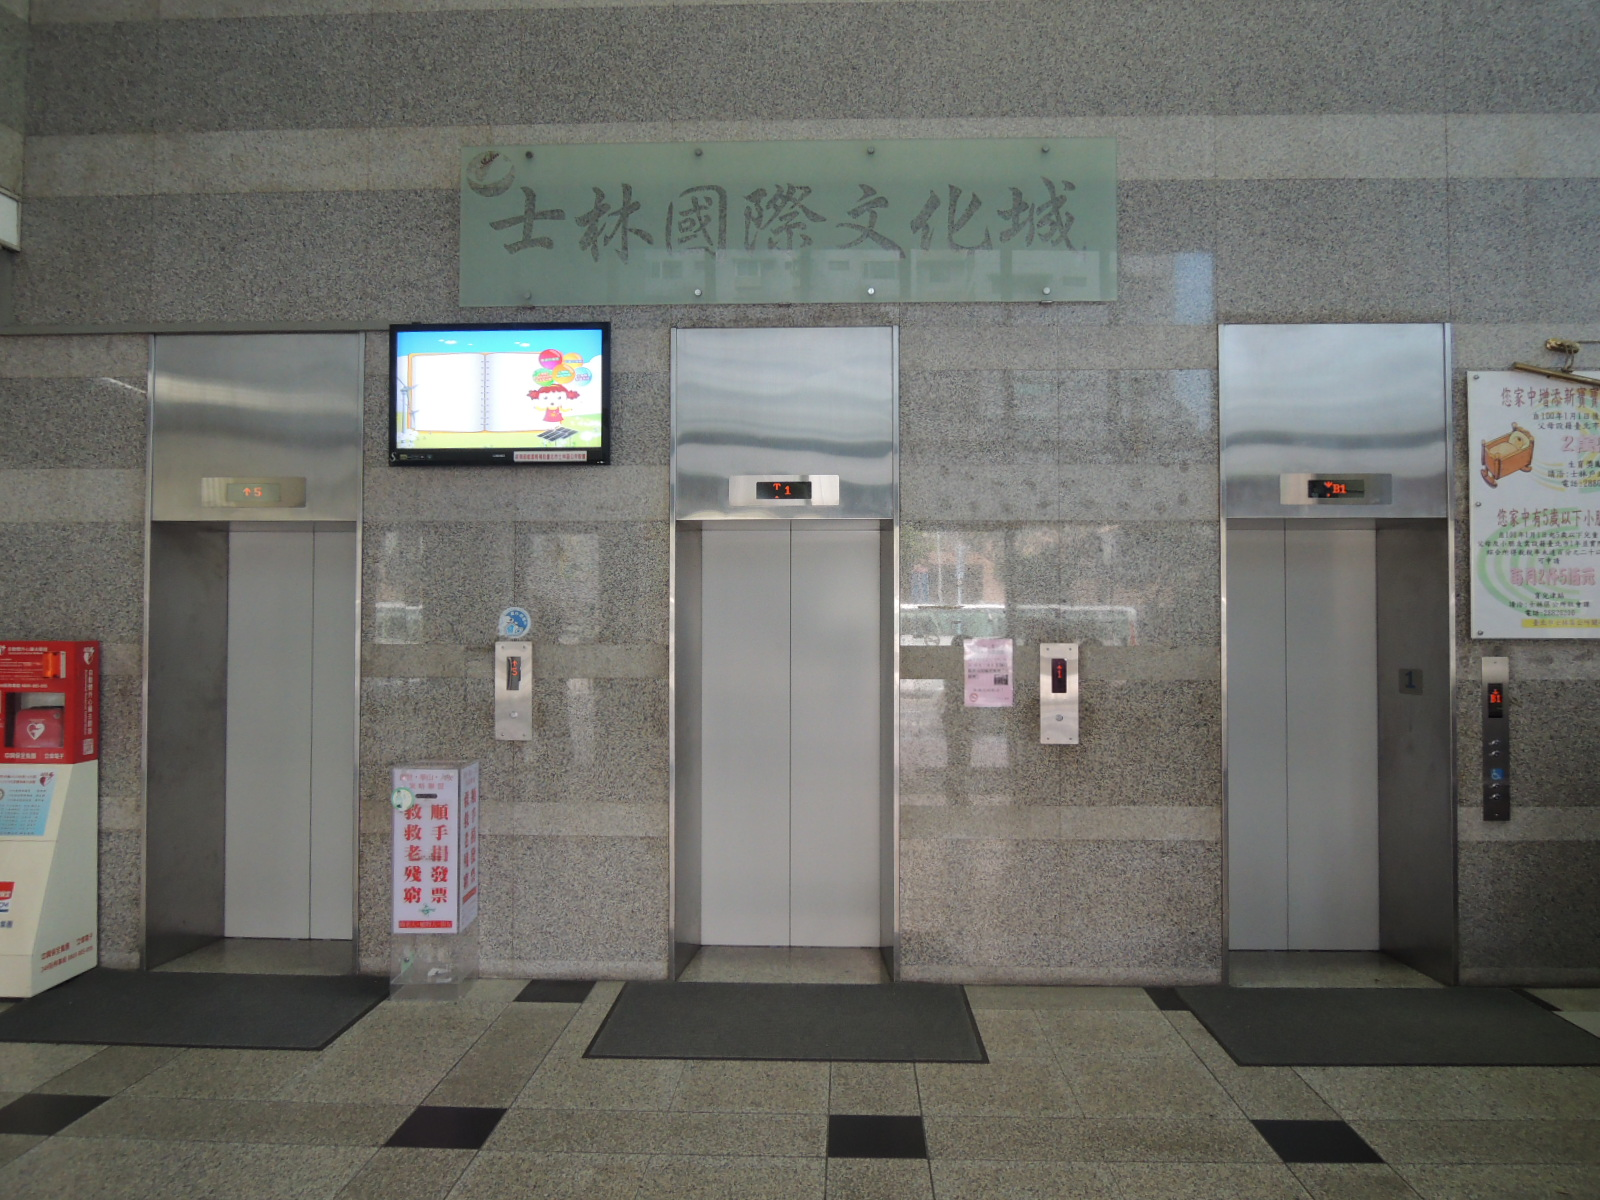 臺北市士林區行政中心無障礙電梯(照片播放區)